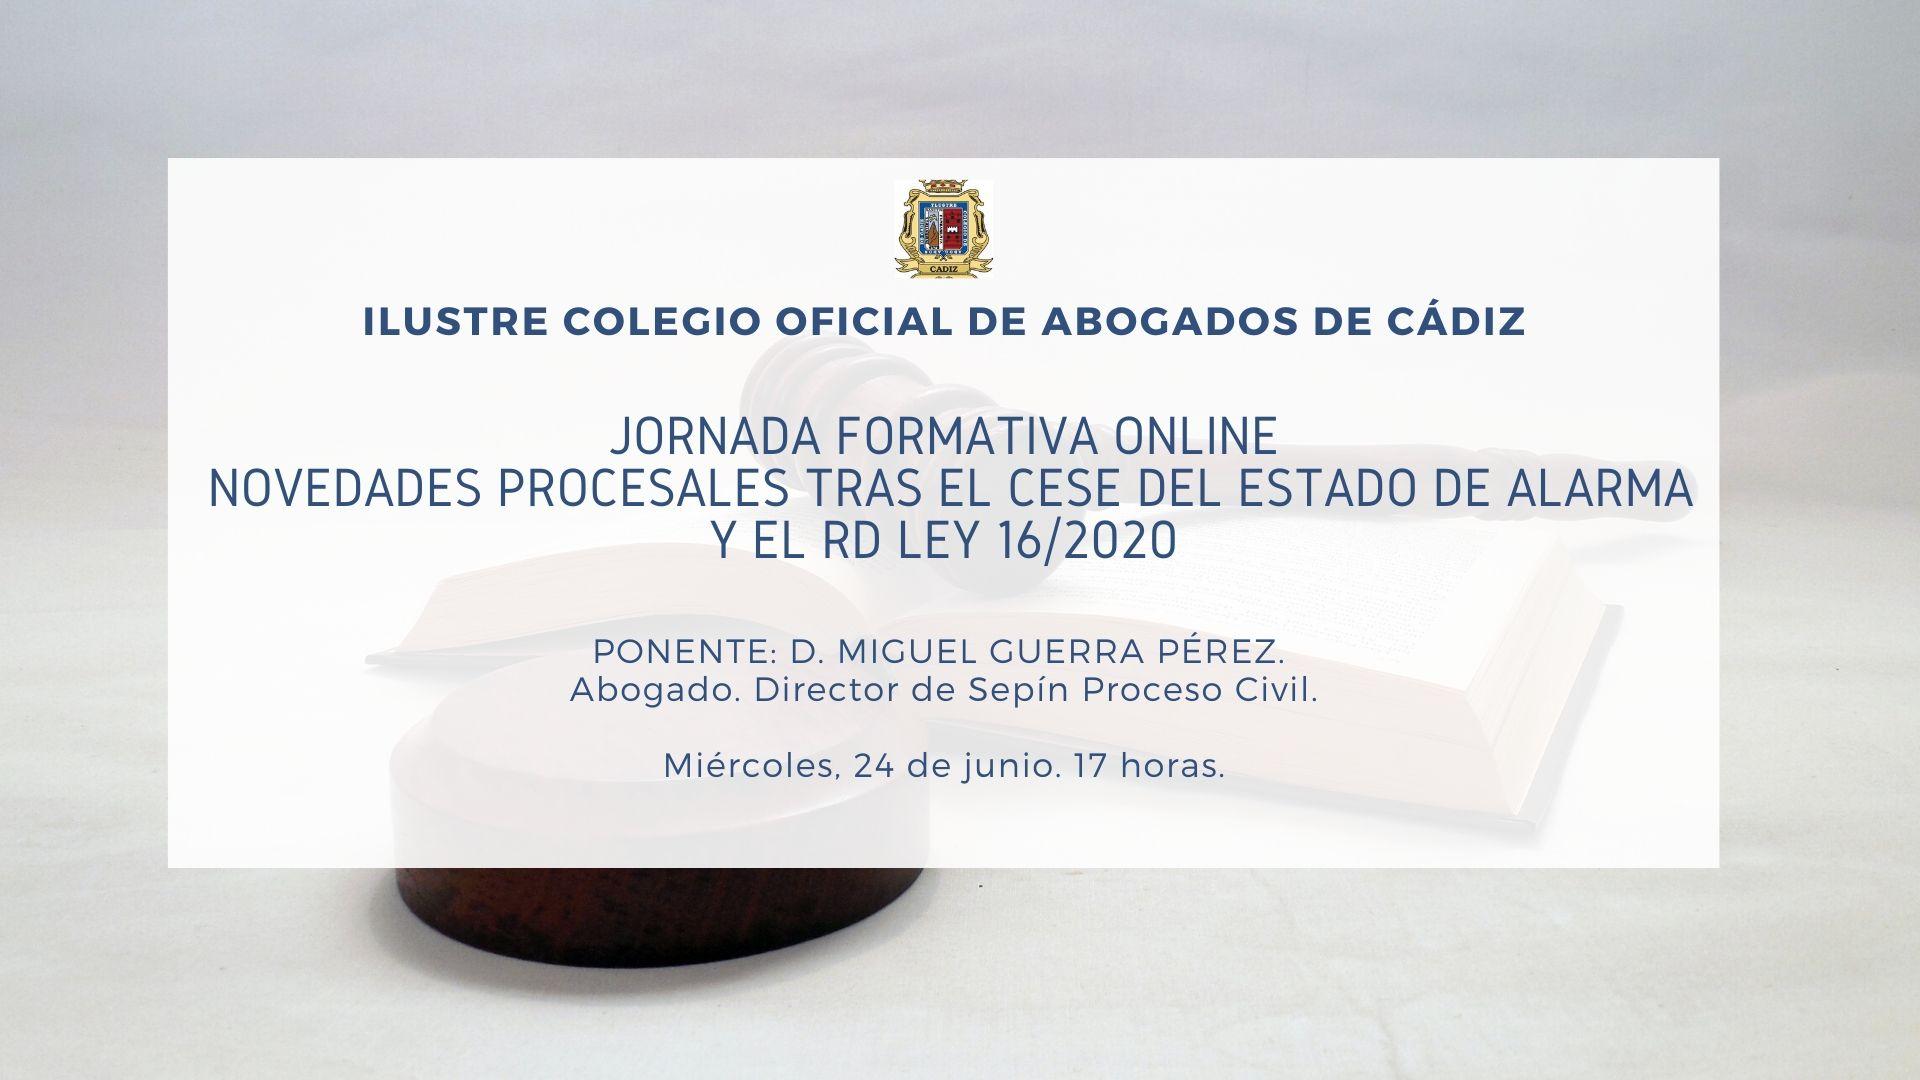 Jornada Formativa: Novedades Procesales Tras El Cese Del Estado De Alarma Y El RD LEY 16/2020